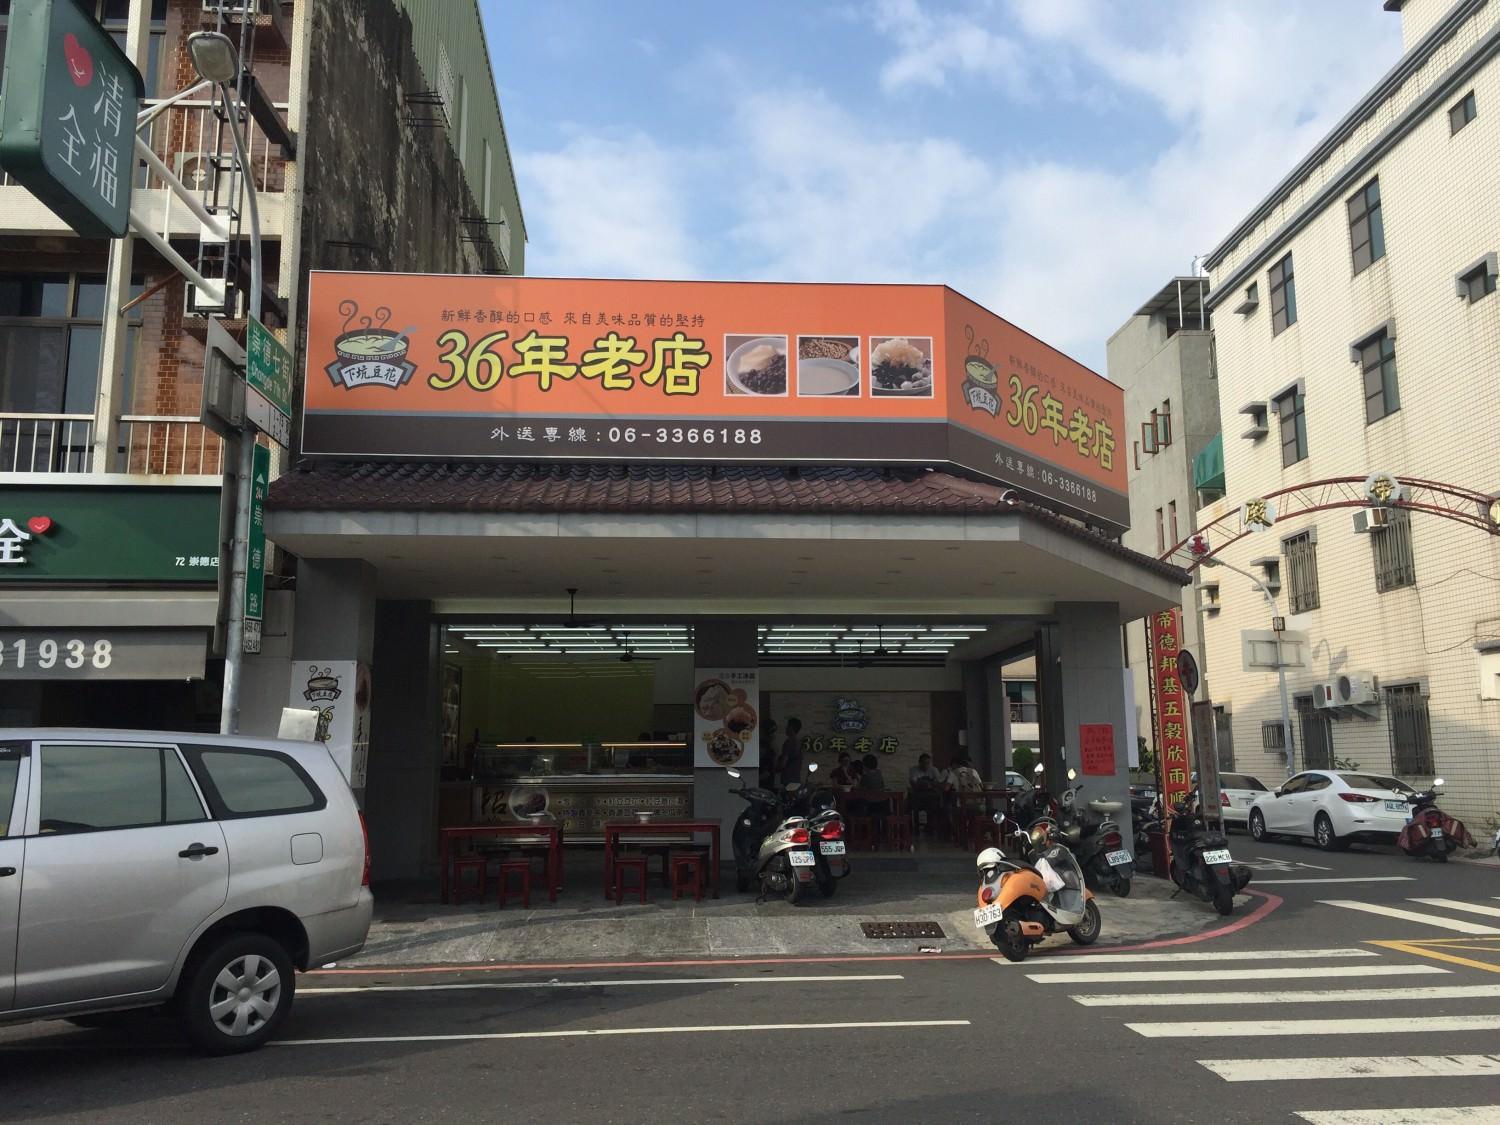 不要懷疑,店名就叫做 36年老店